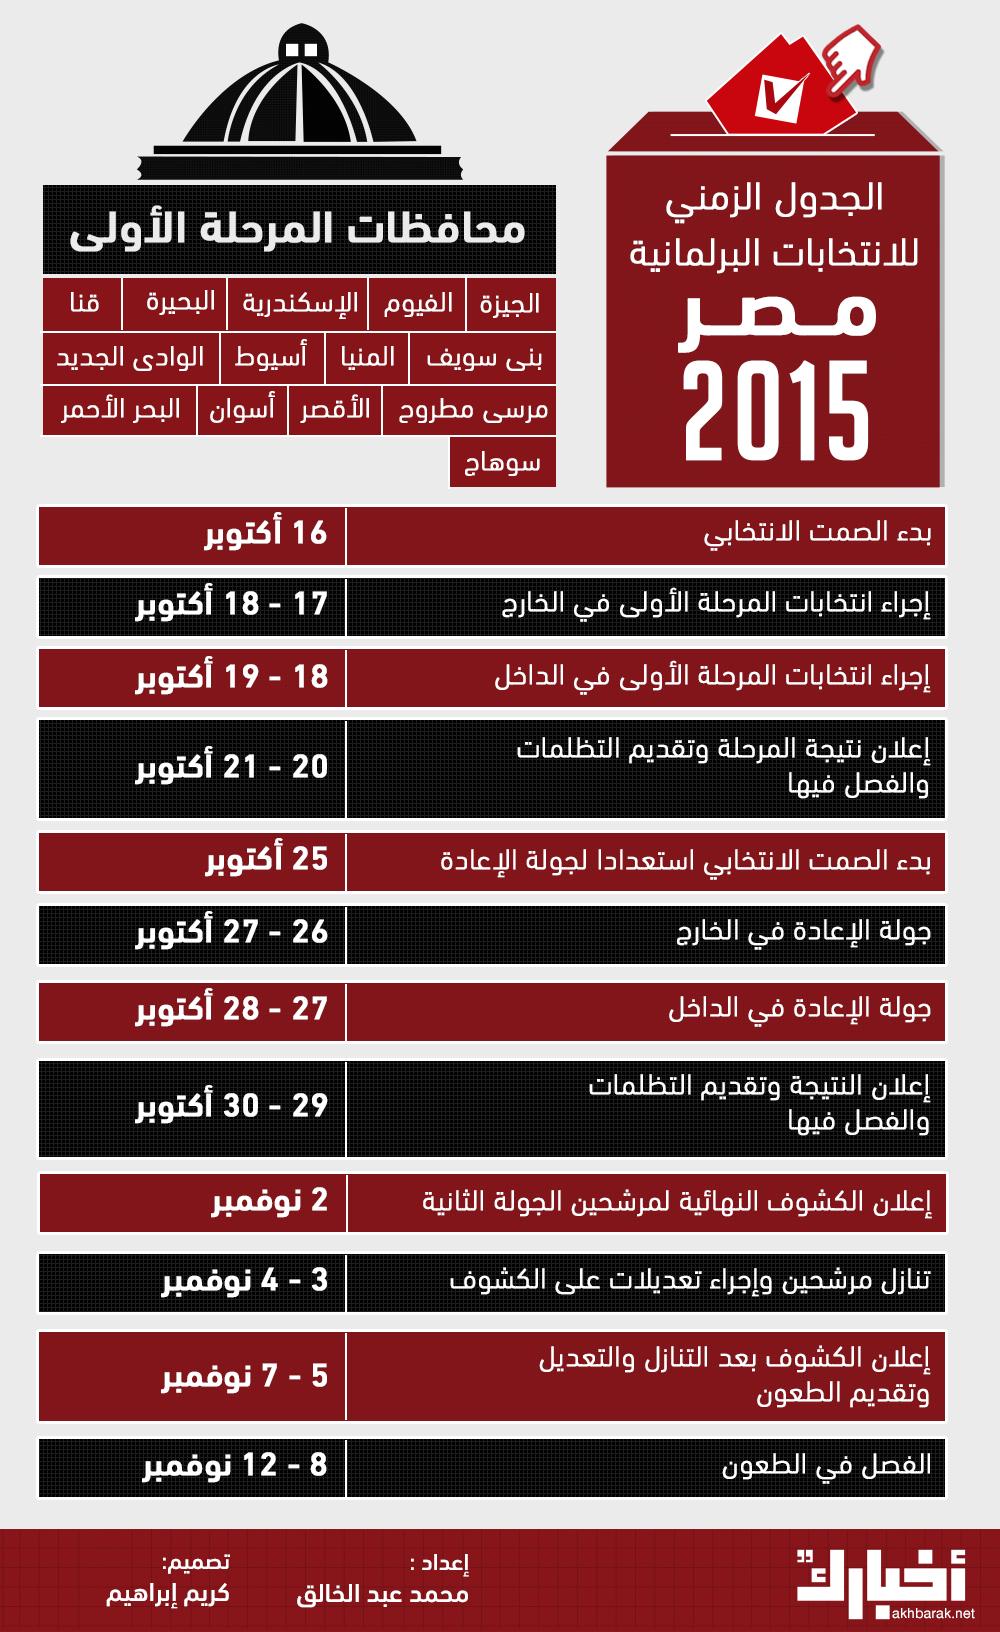 الجدول الزمني لانتخابات البرلماني